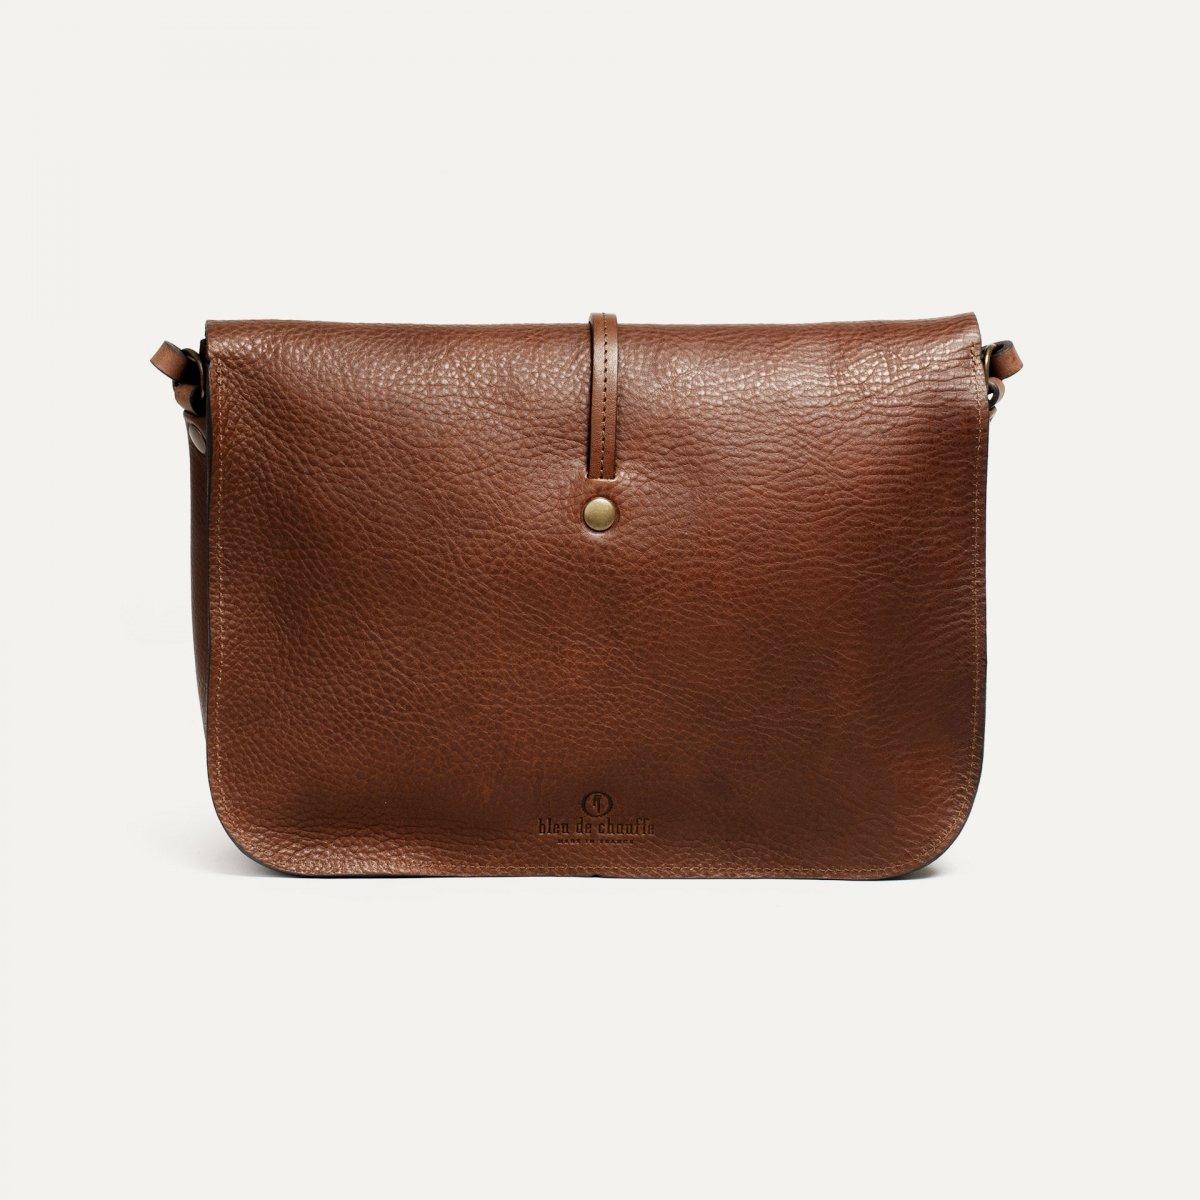 Pastel handbag - Cuba Libre (image n°3)